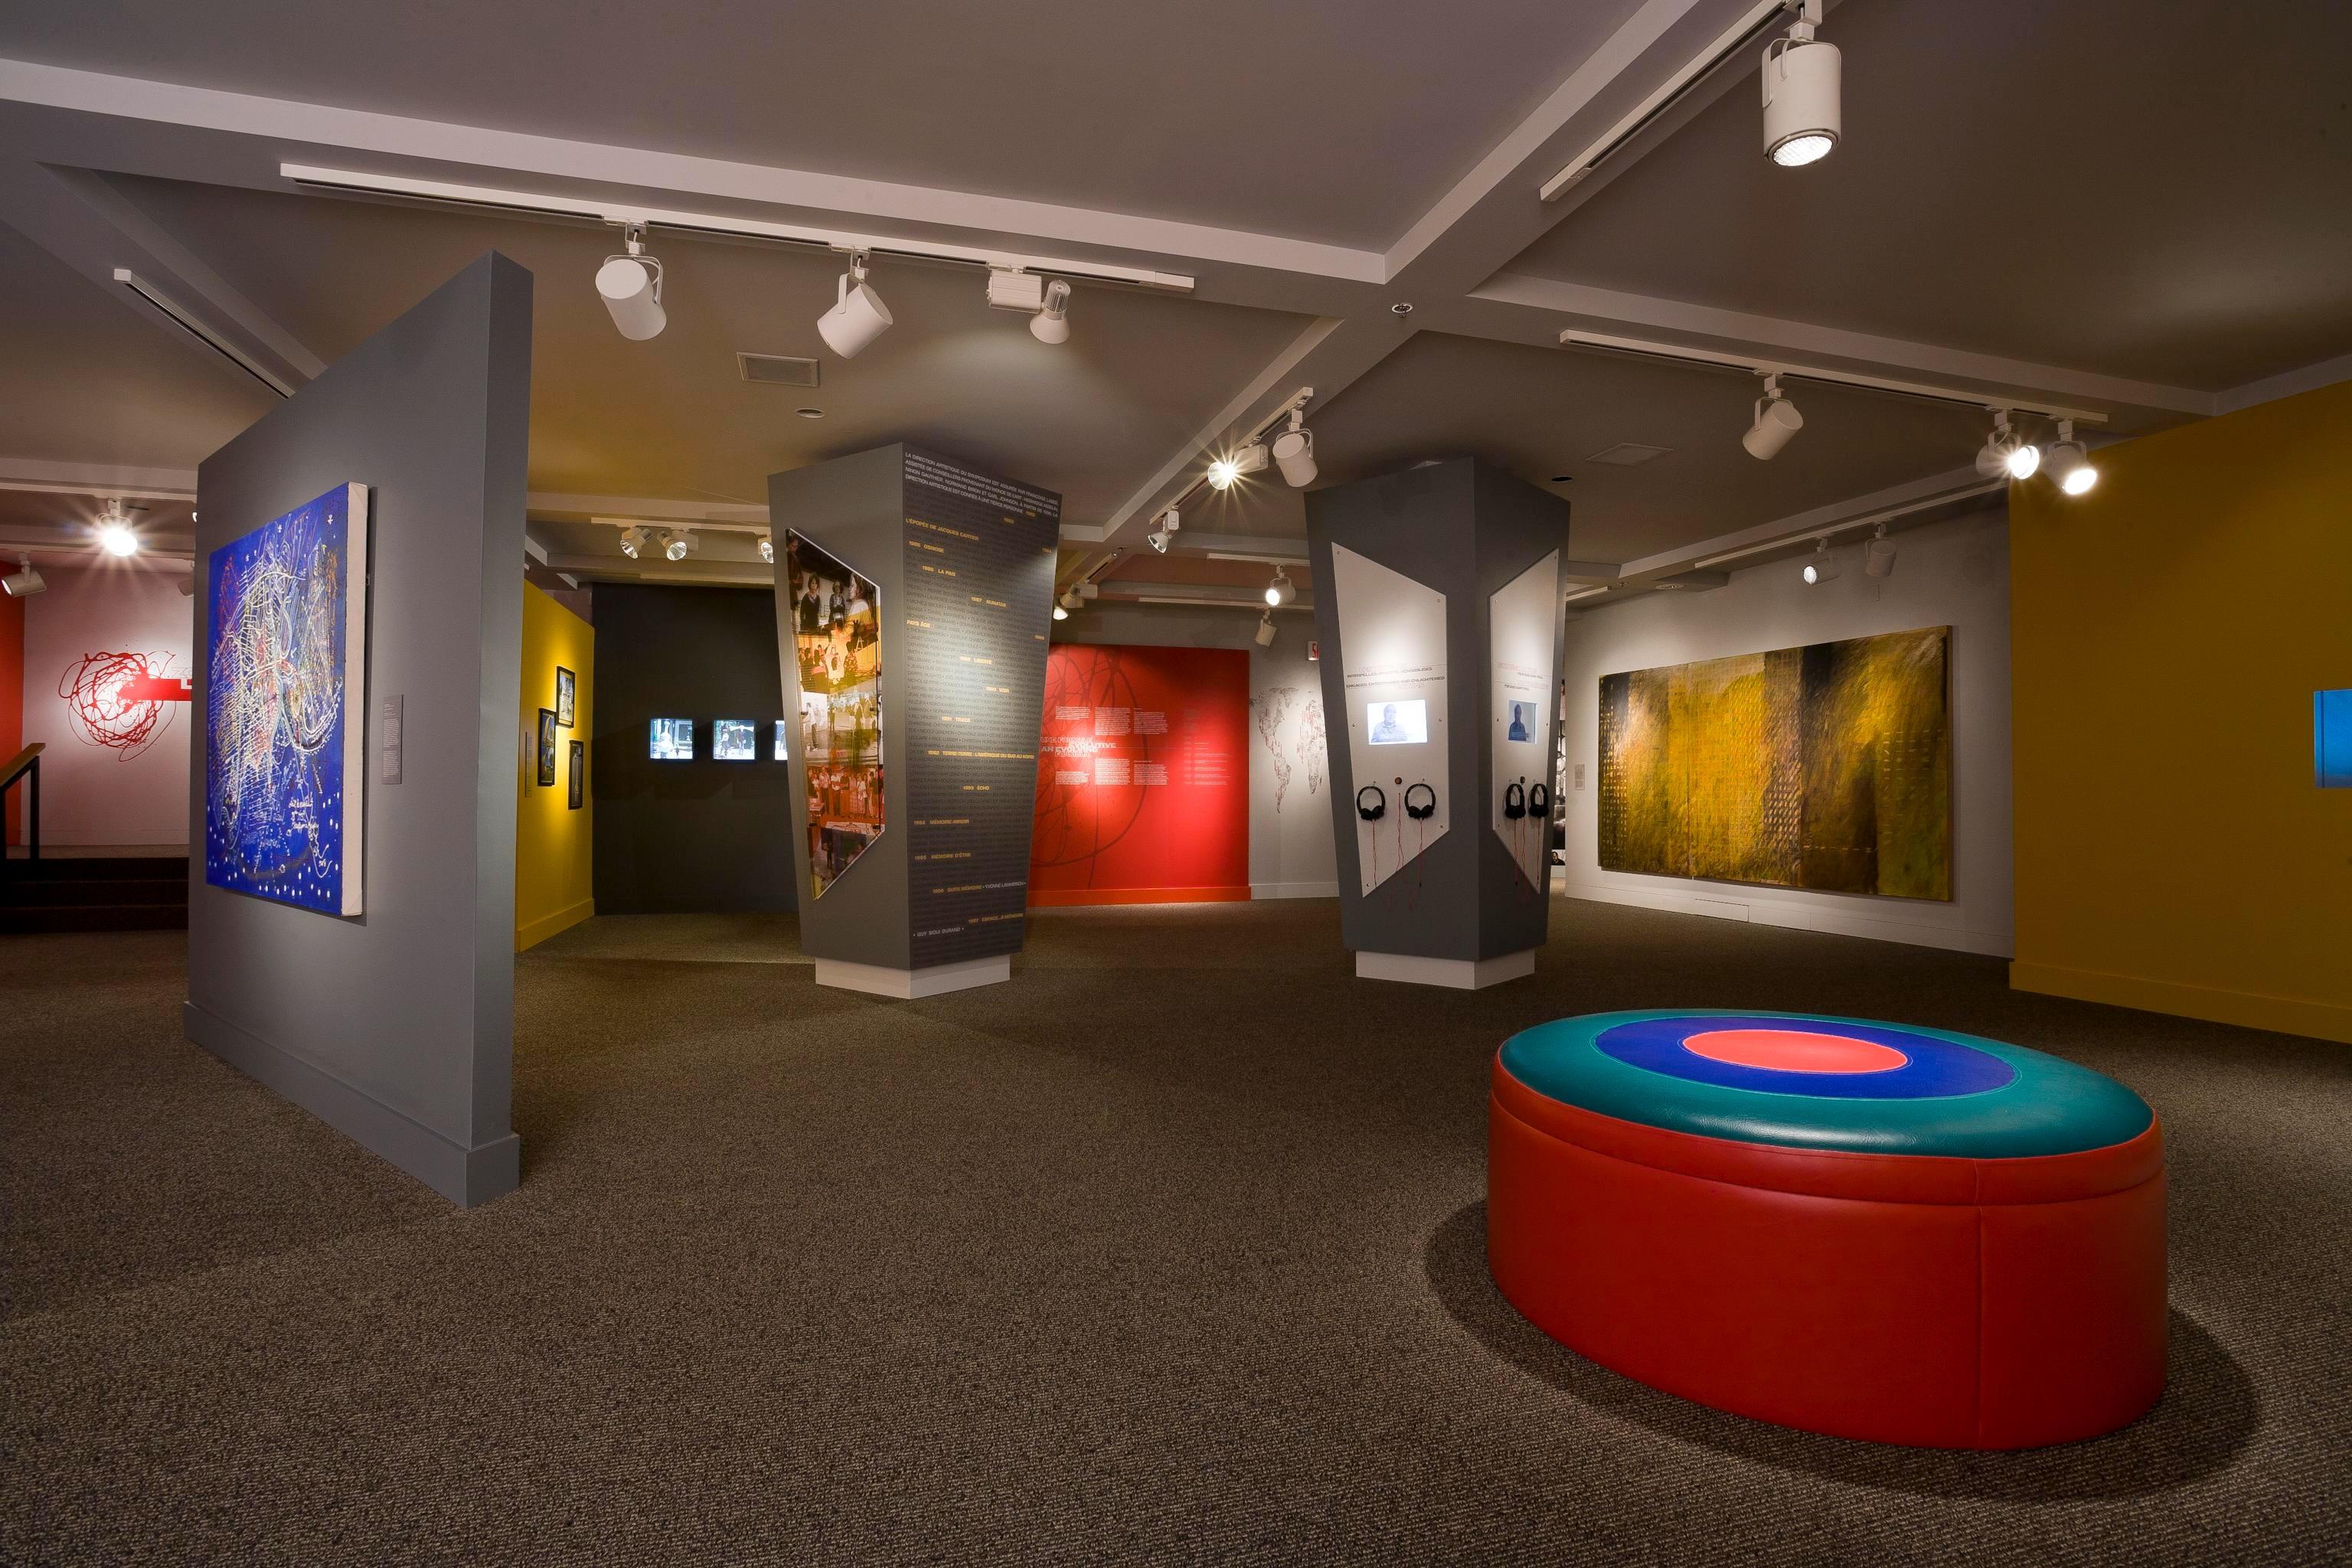 Musée d'art contemporain Baie-Saint-Paul